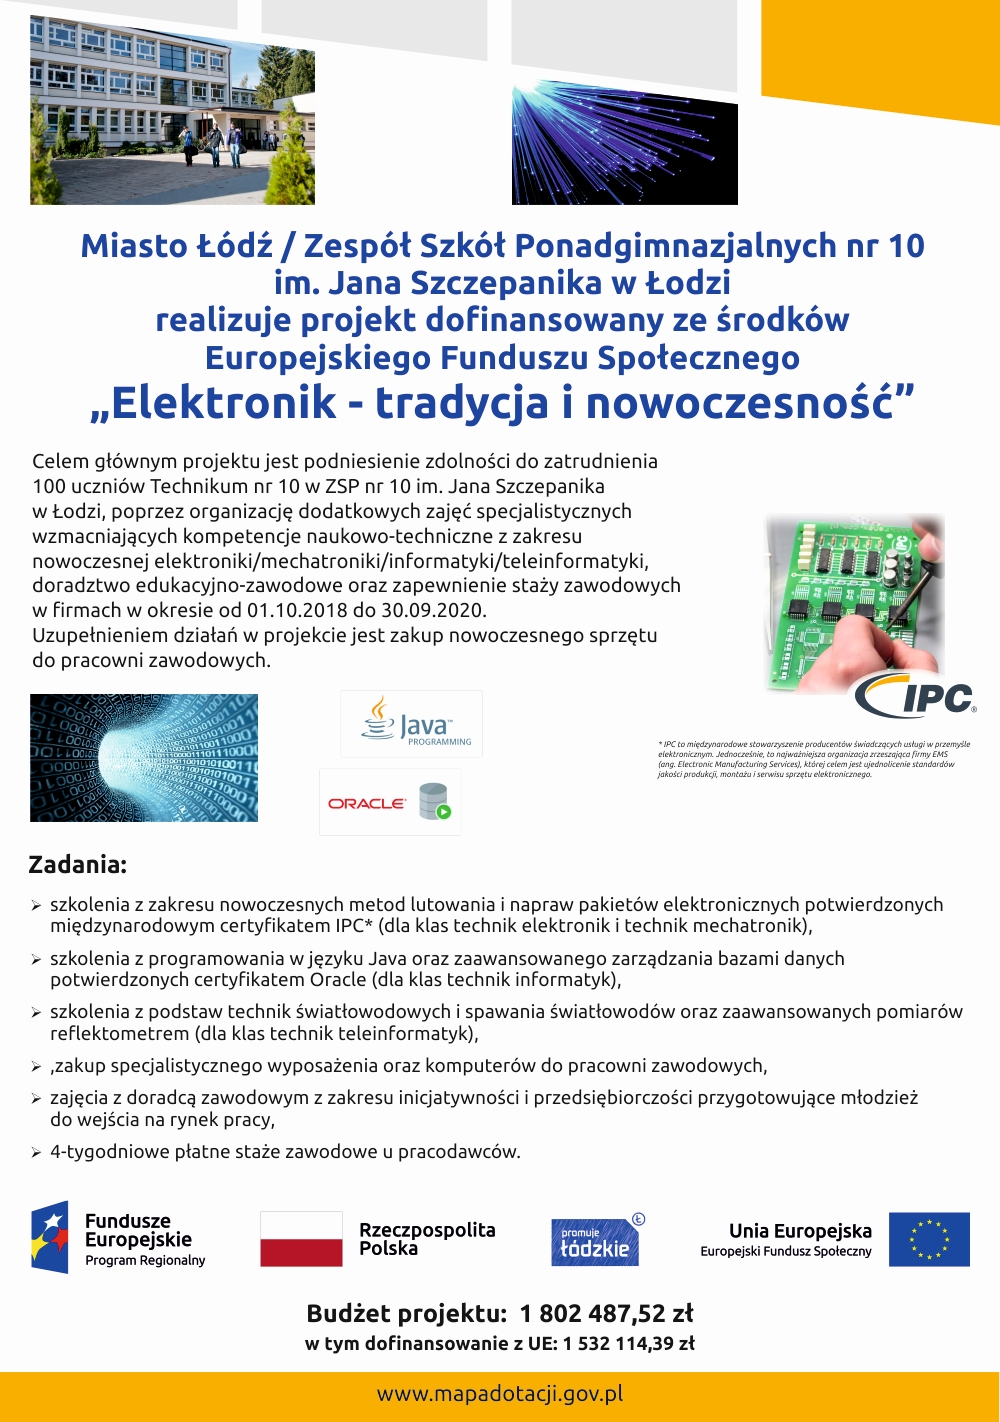 Elektronik - tradycja i nowoczesność